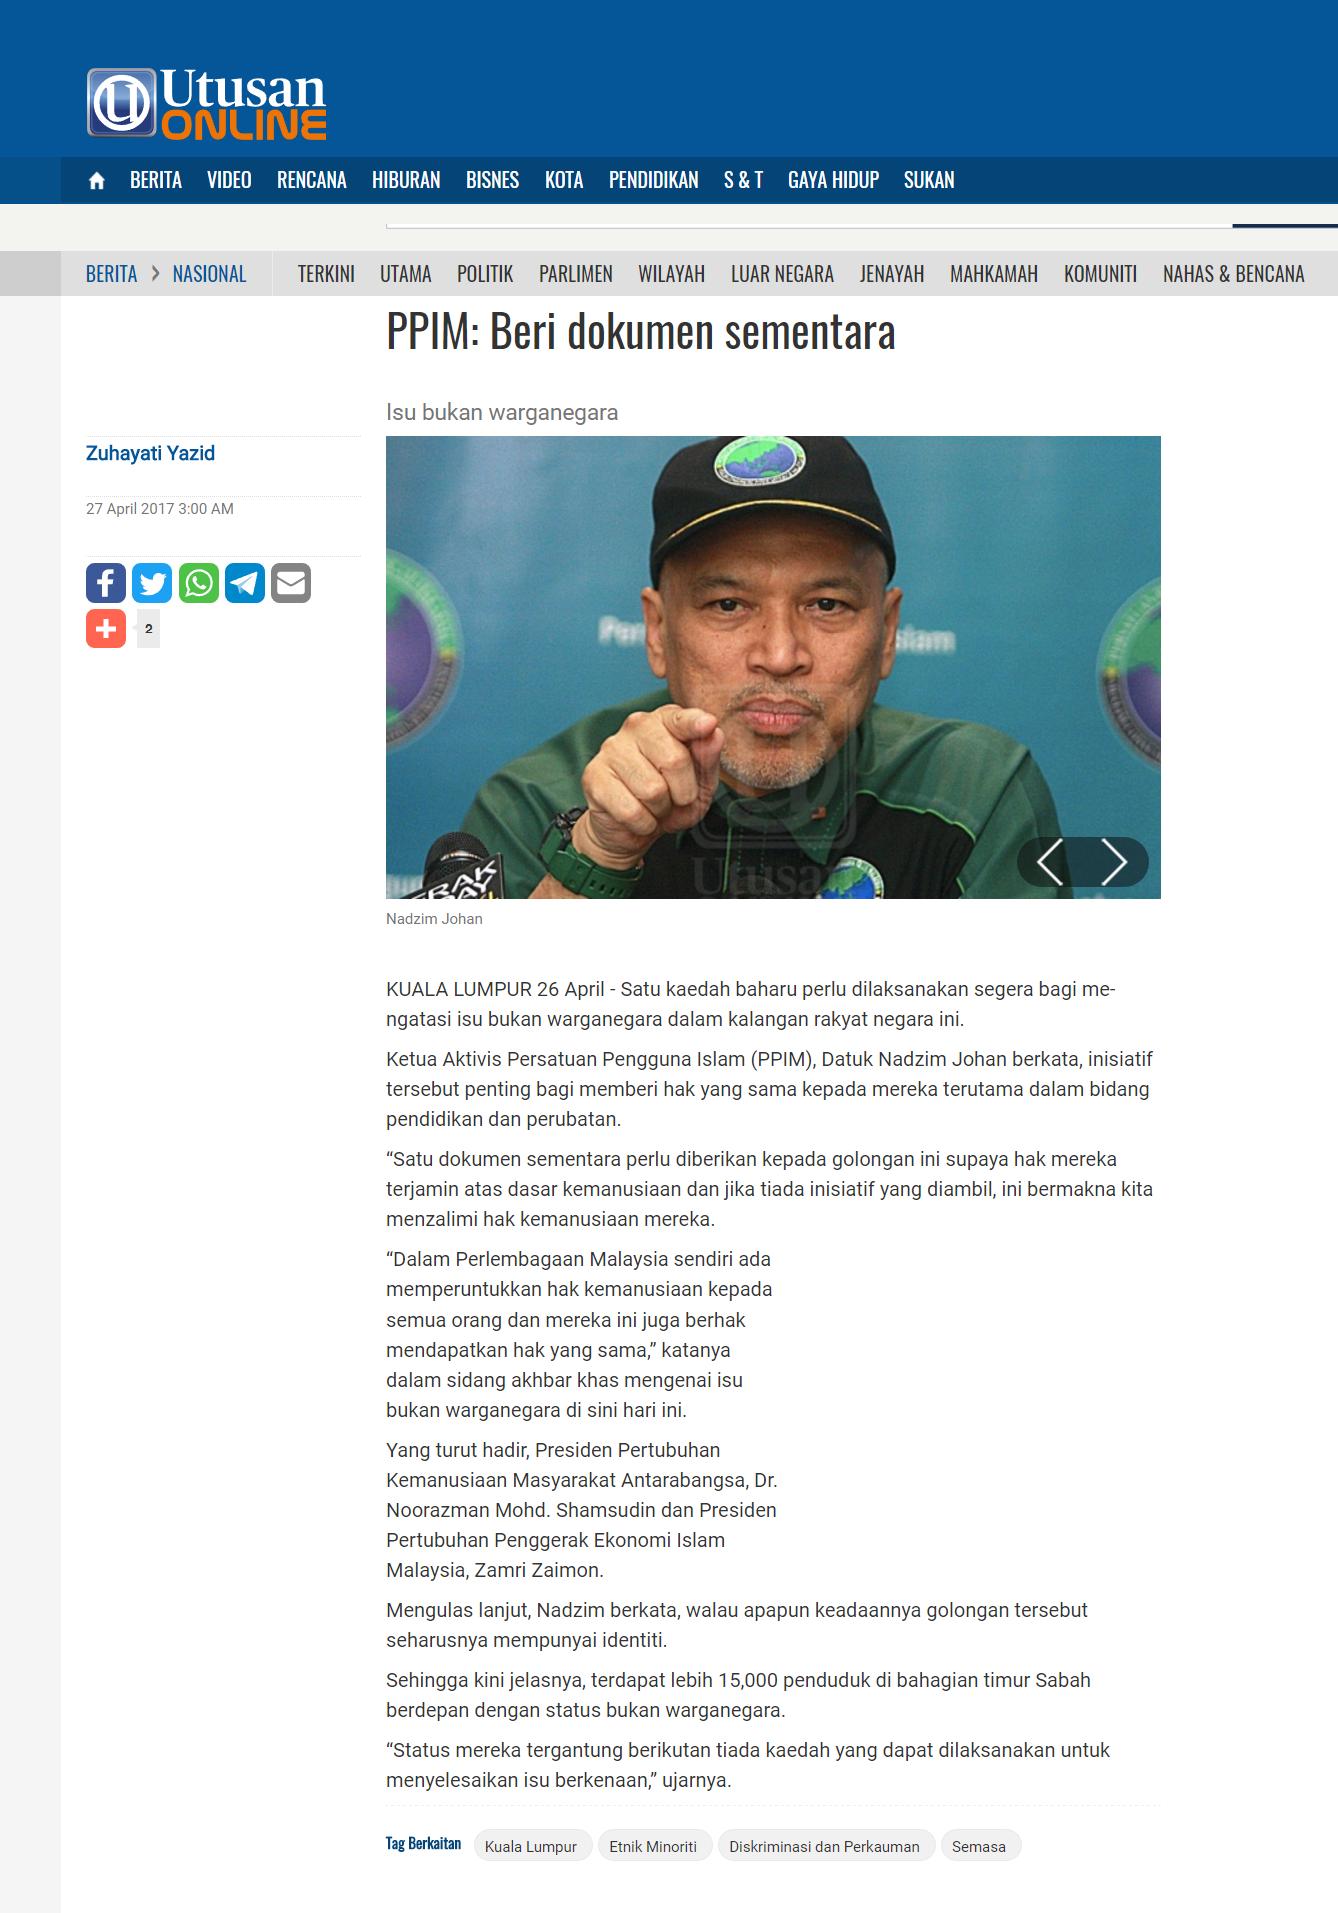 PPIM Beri dokumen sementara